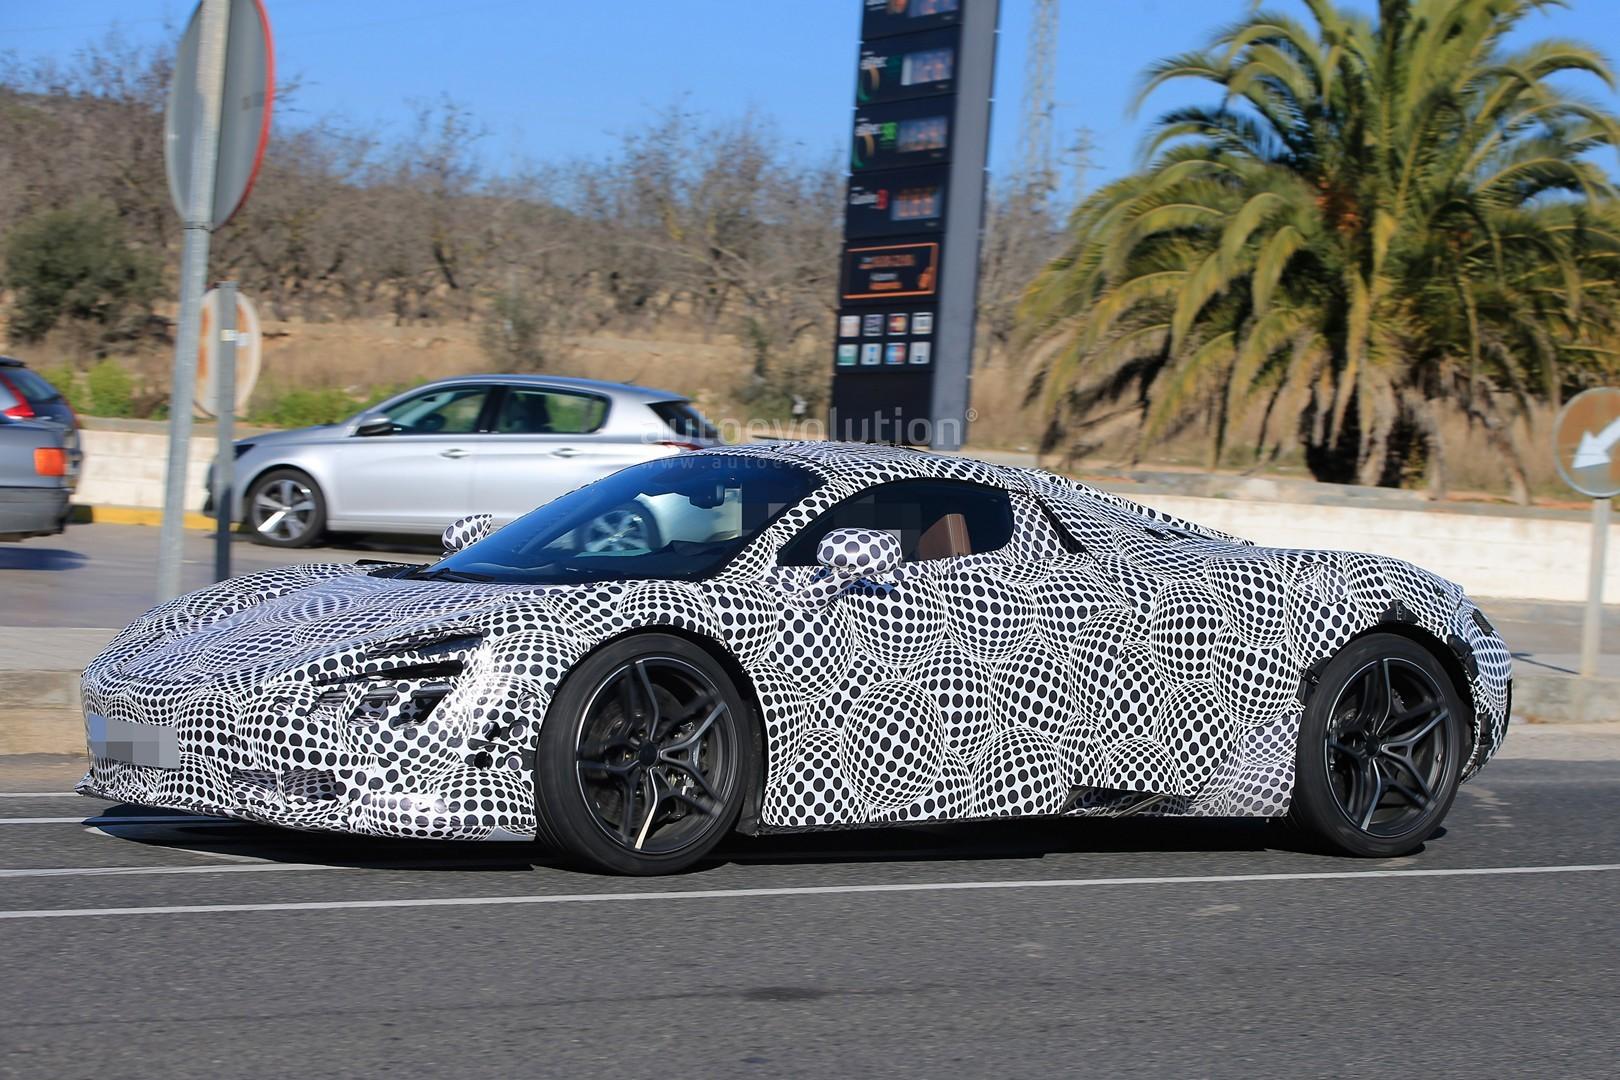 2018 McLaren 720S (P14) Spied With